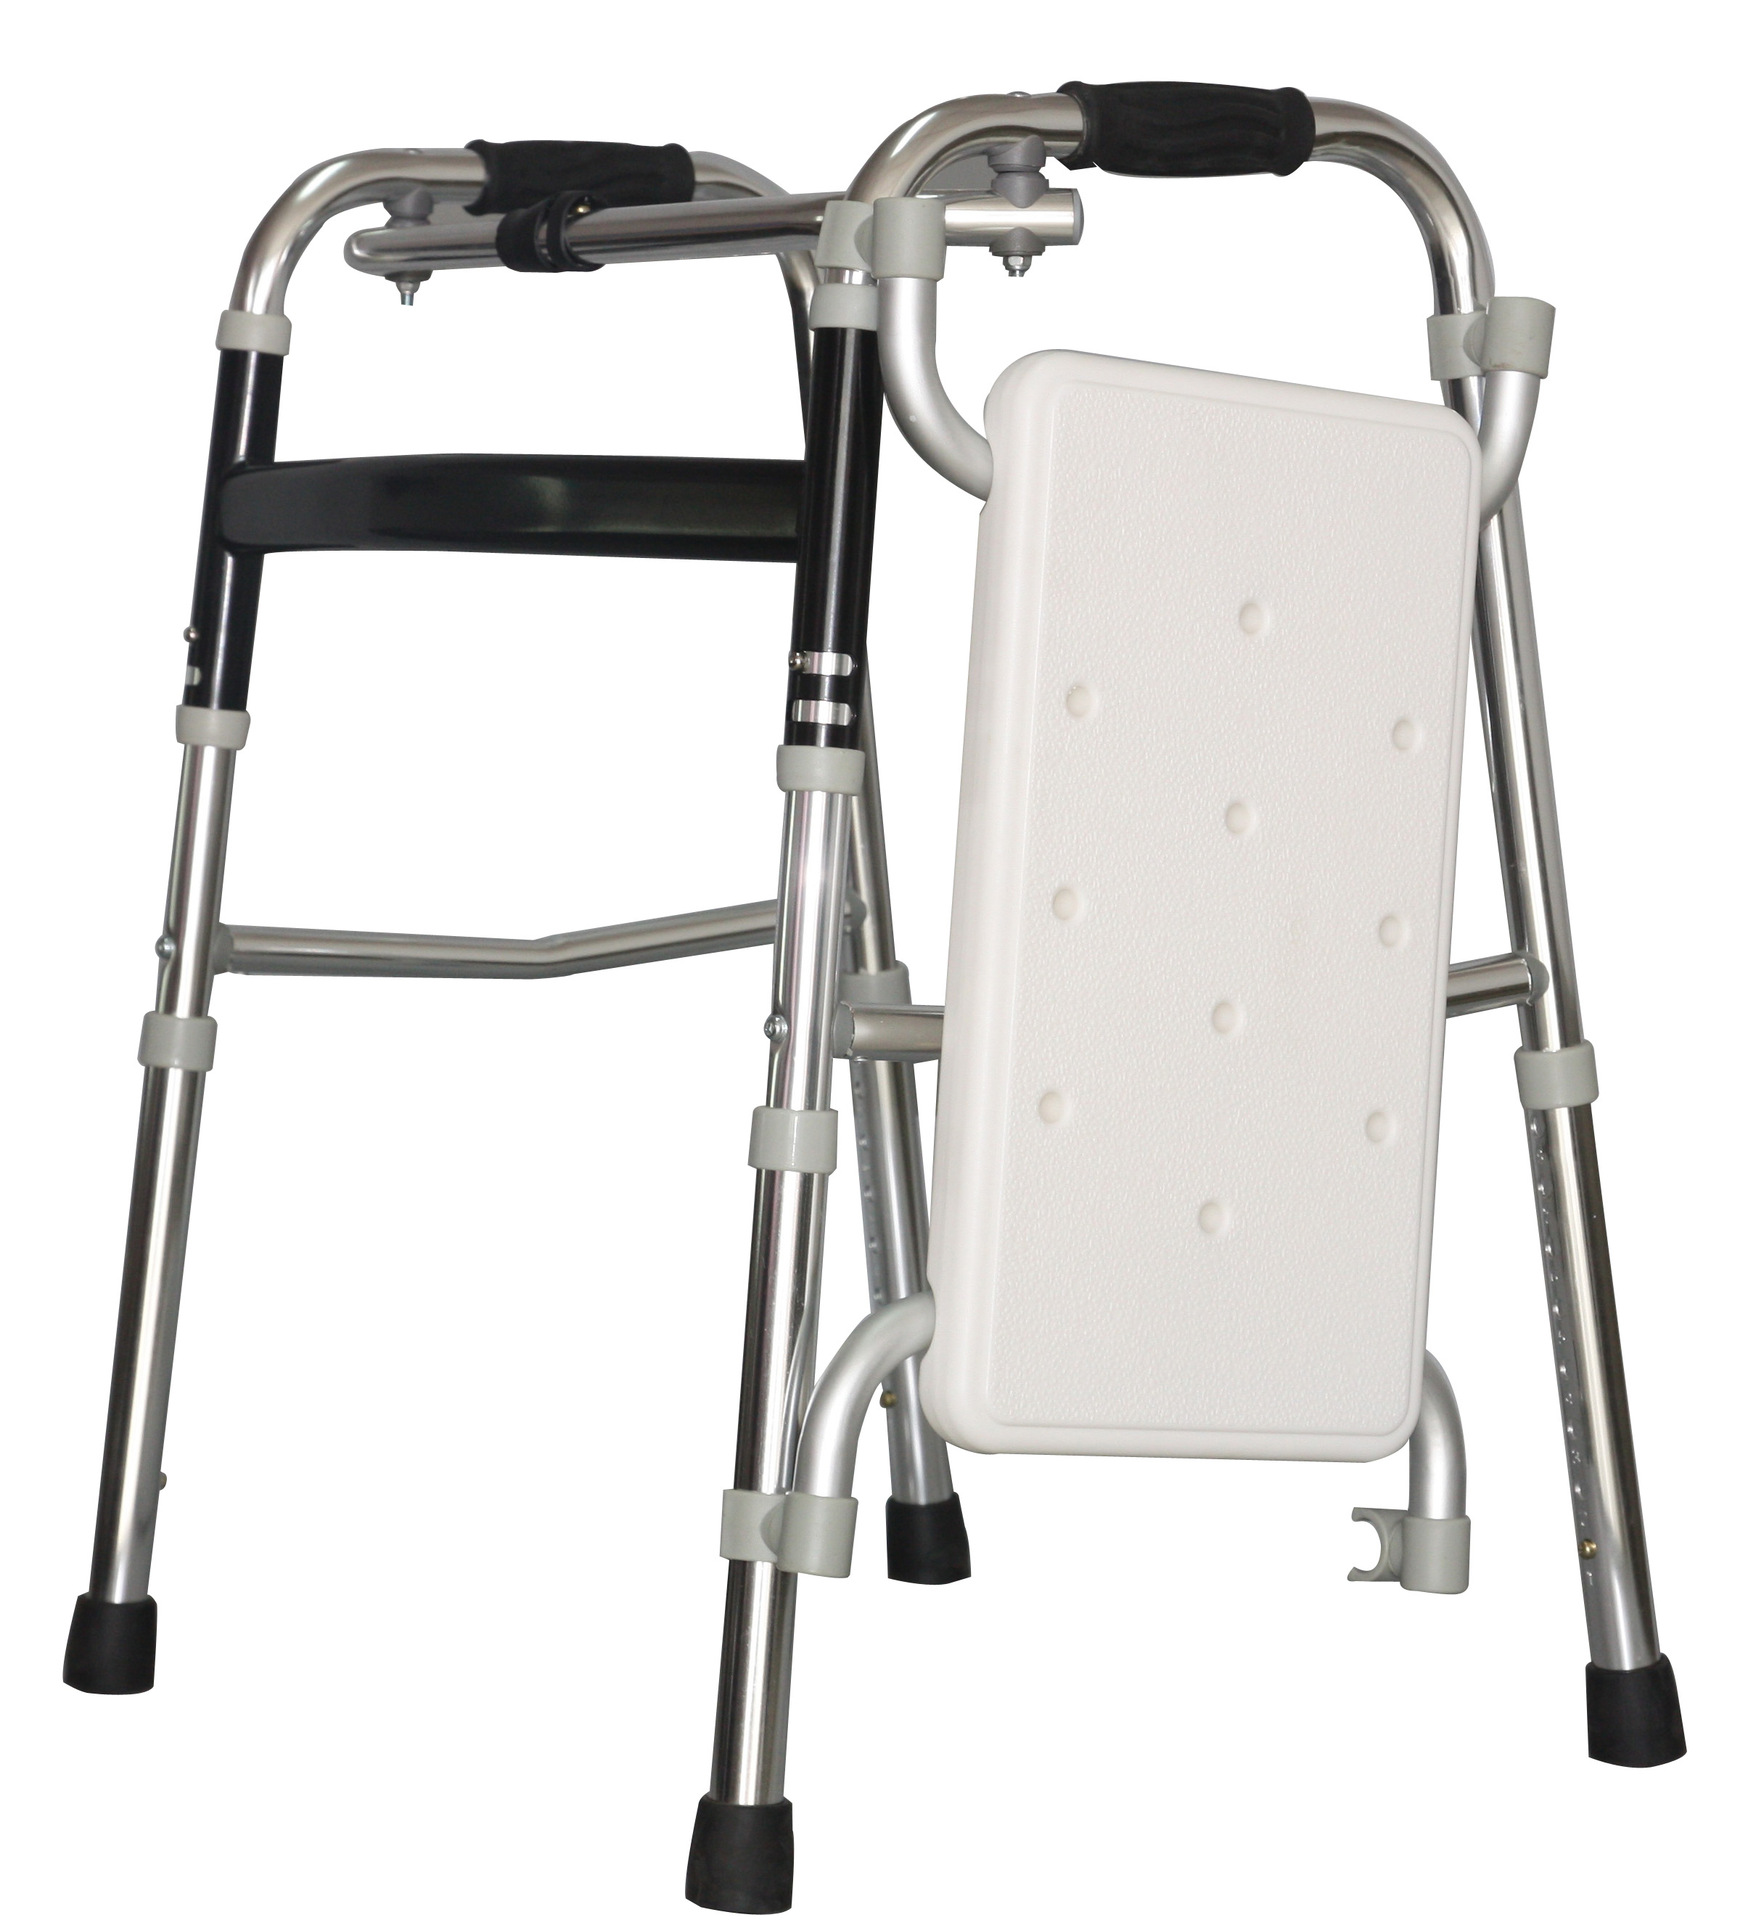 Продажа старики складные ходунки с сиденьем Первая помощь Алюминий Walker сидеть ремень костылей